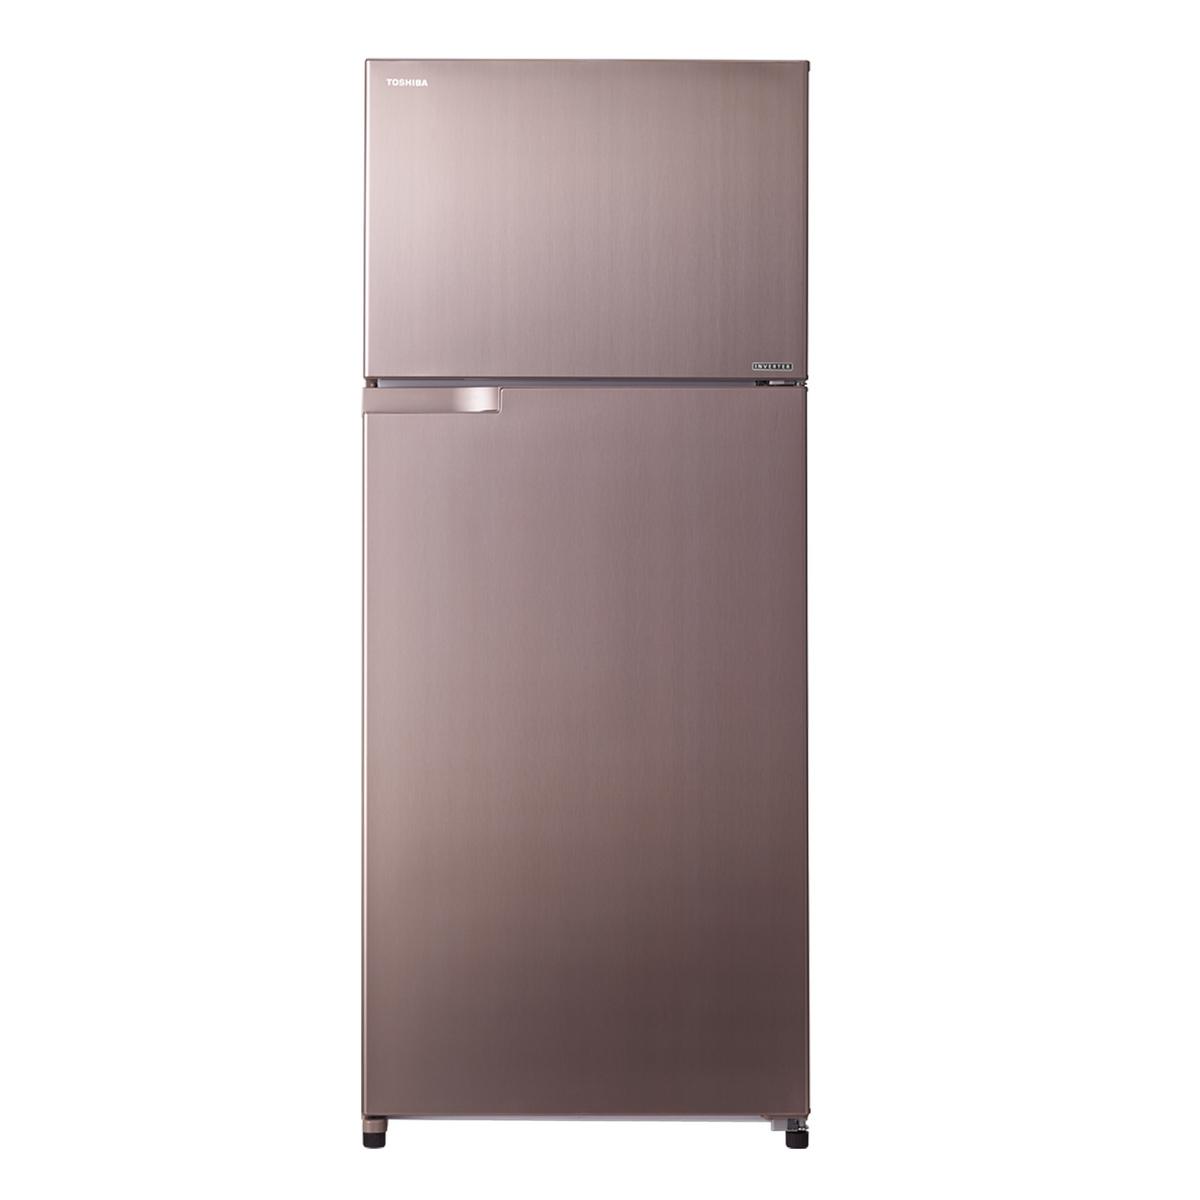 ตู้เย็น 2 ประตู (16.8 คิว, สีชมพูทอง) รุ่น GR-H52KBZ(N)